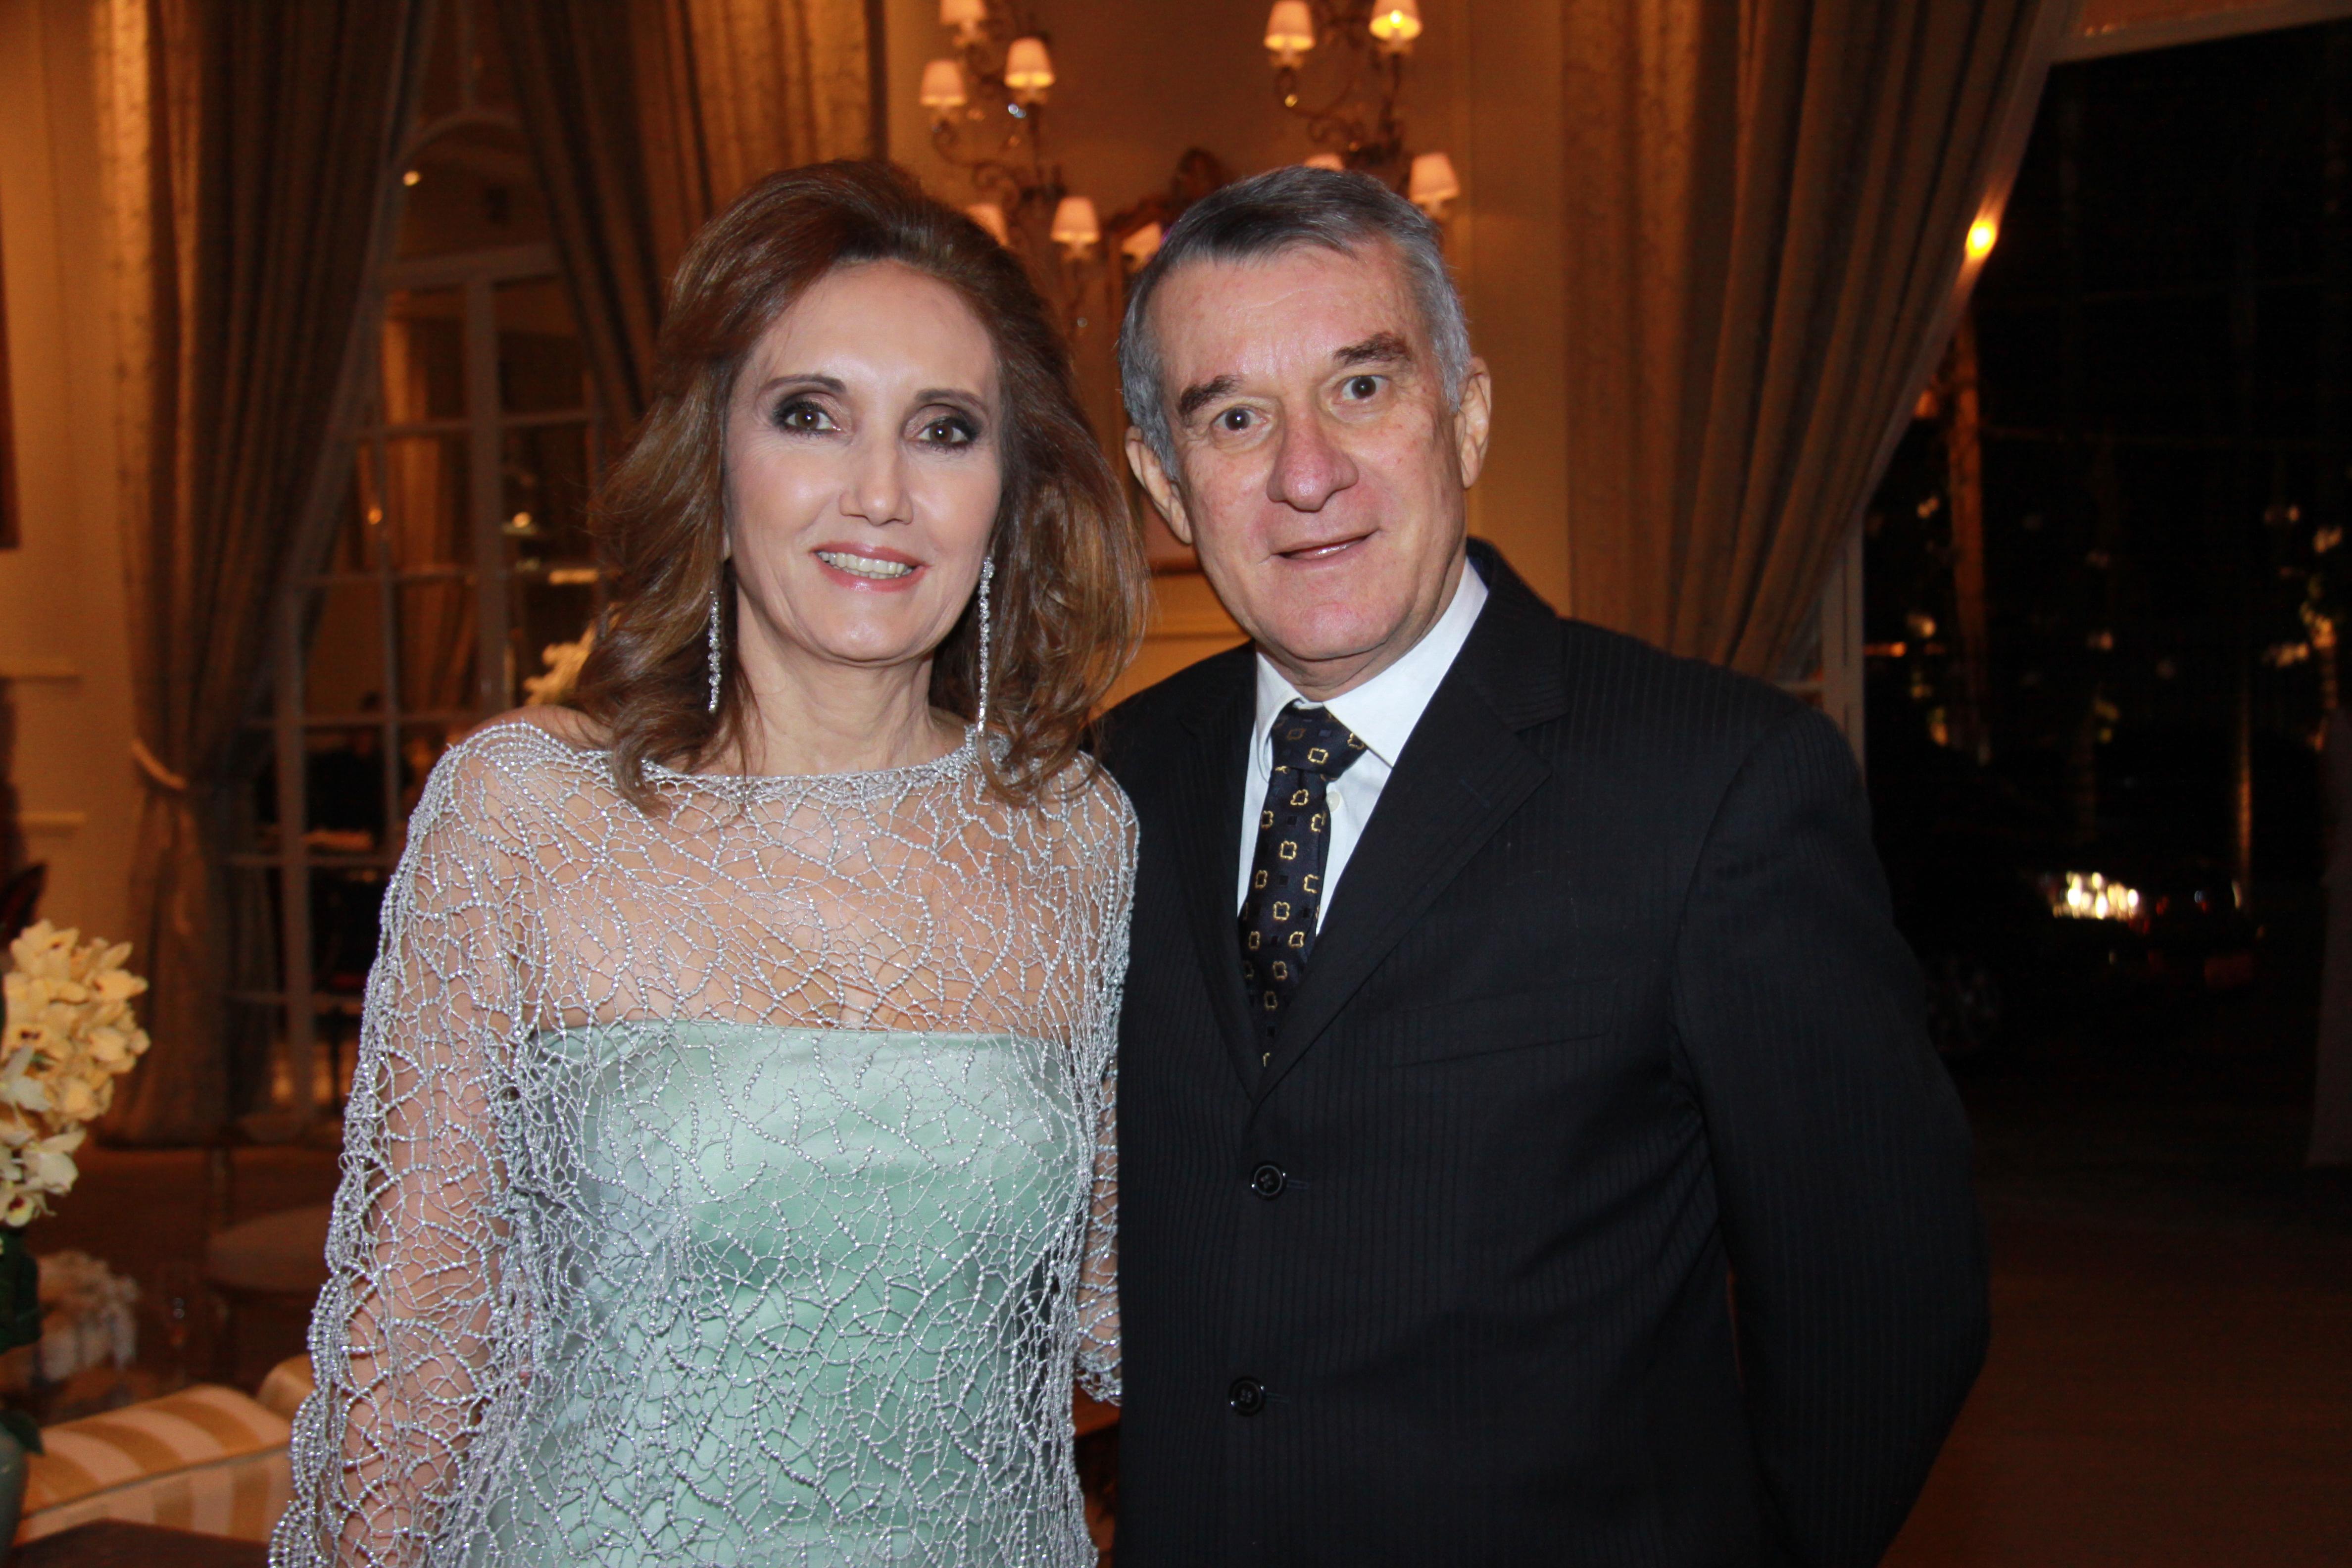 tamara25 Mais fotos do incrível casamento Gontijo Rudge